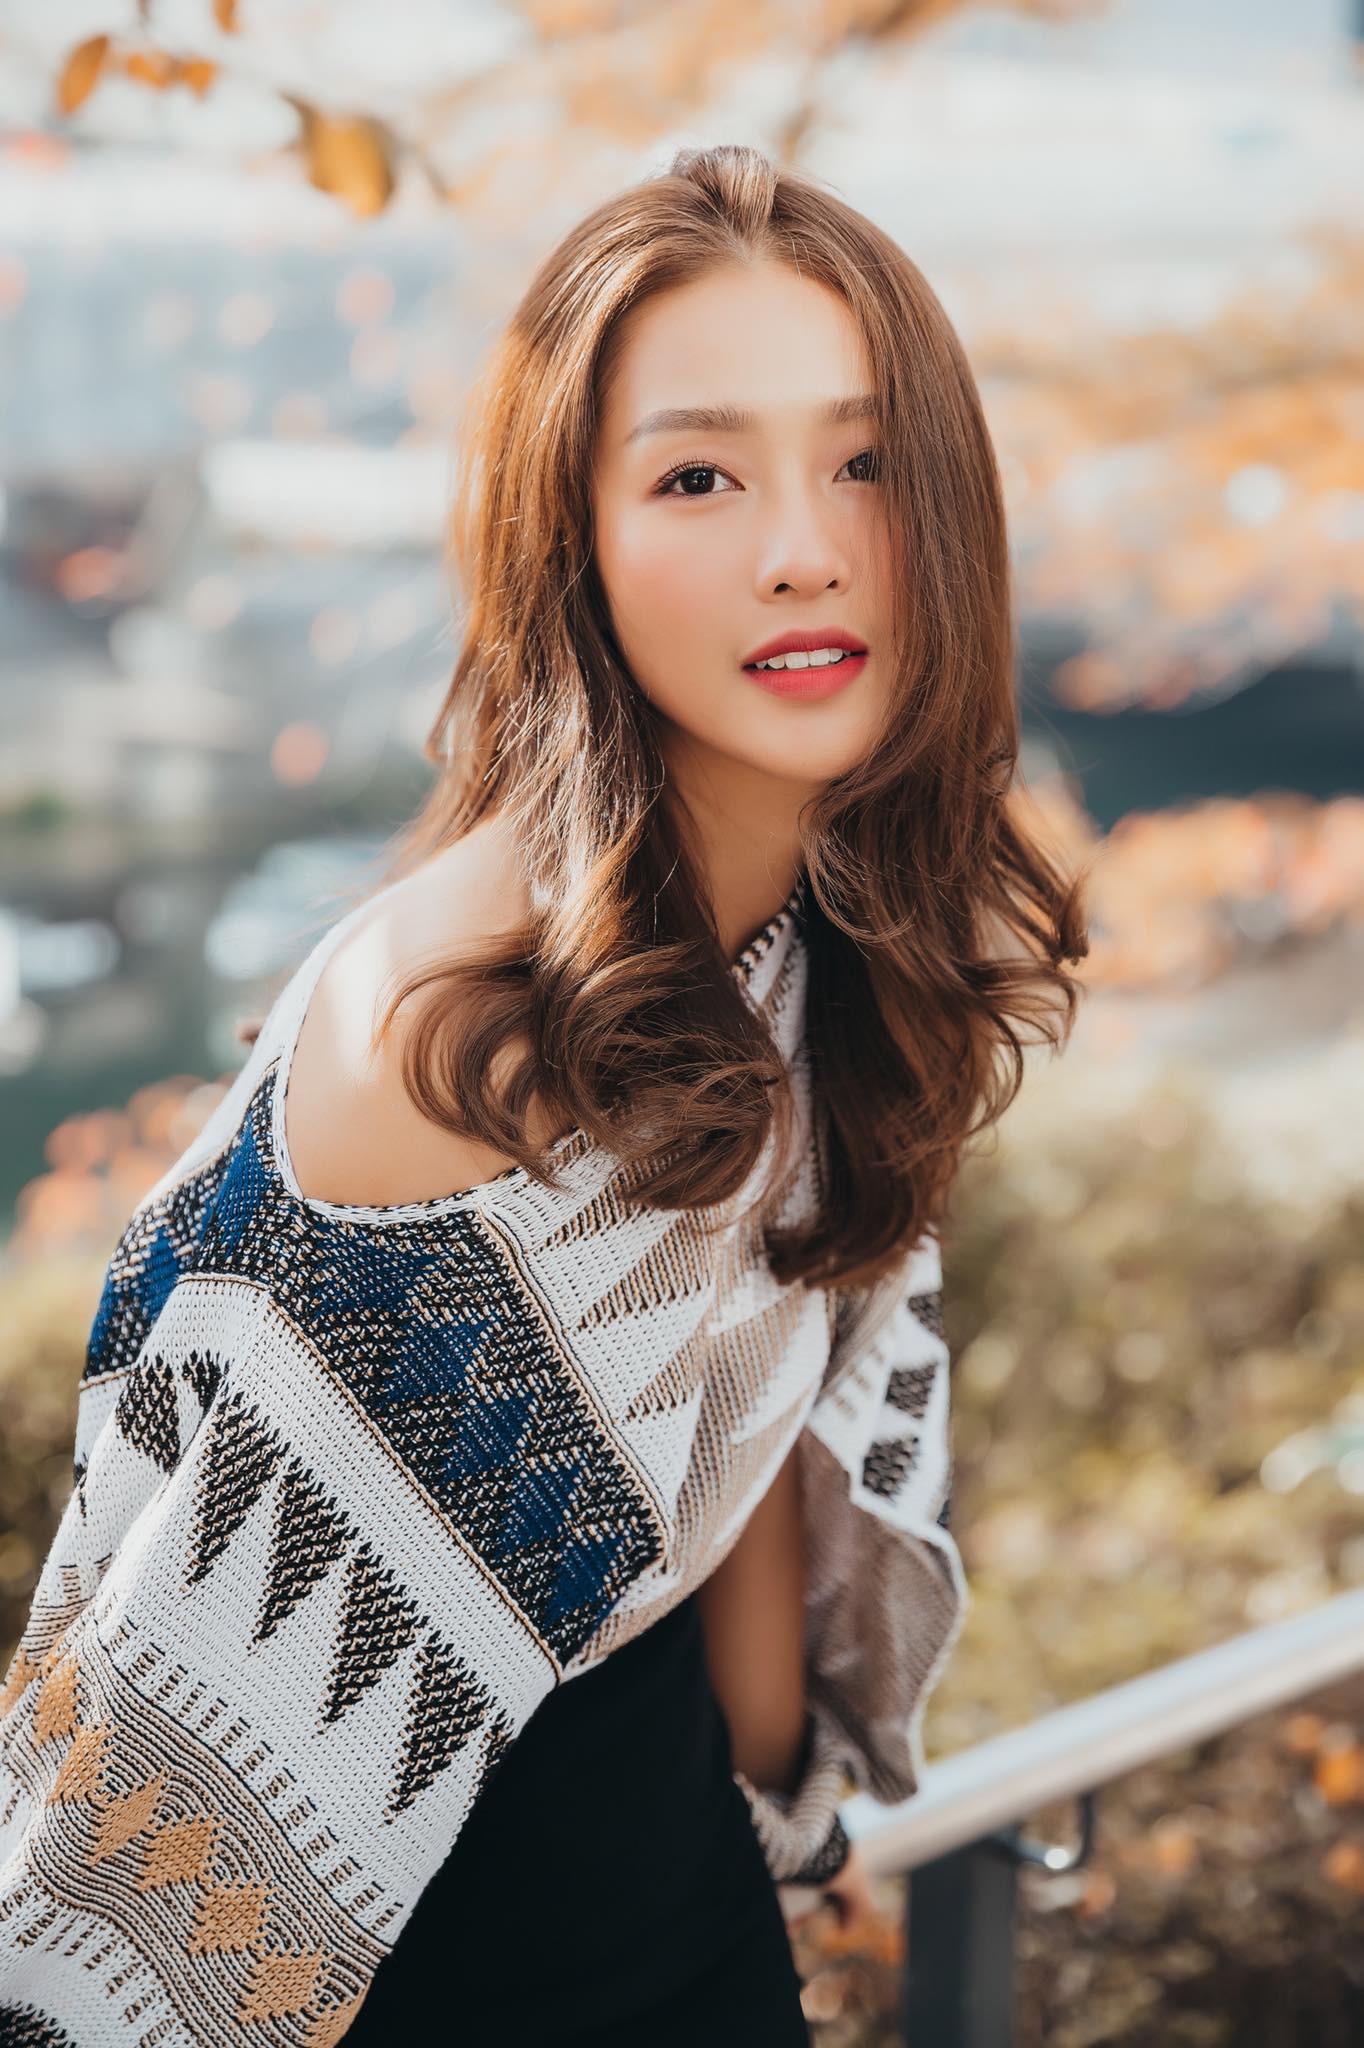 Báo Nhật Bản bất ngờ đưa tin riêng khen Khả Ngân hết lời về nhan sắc với lượng fan lớn ở Việt Nam - Ảnh 5.